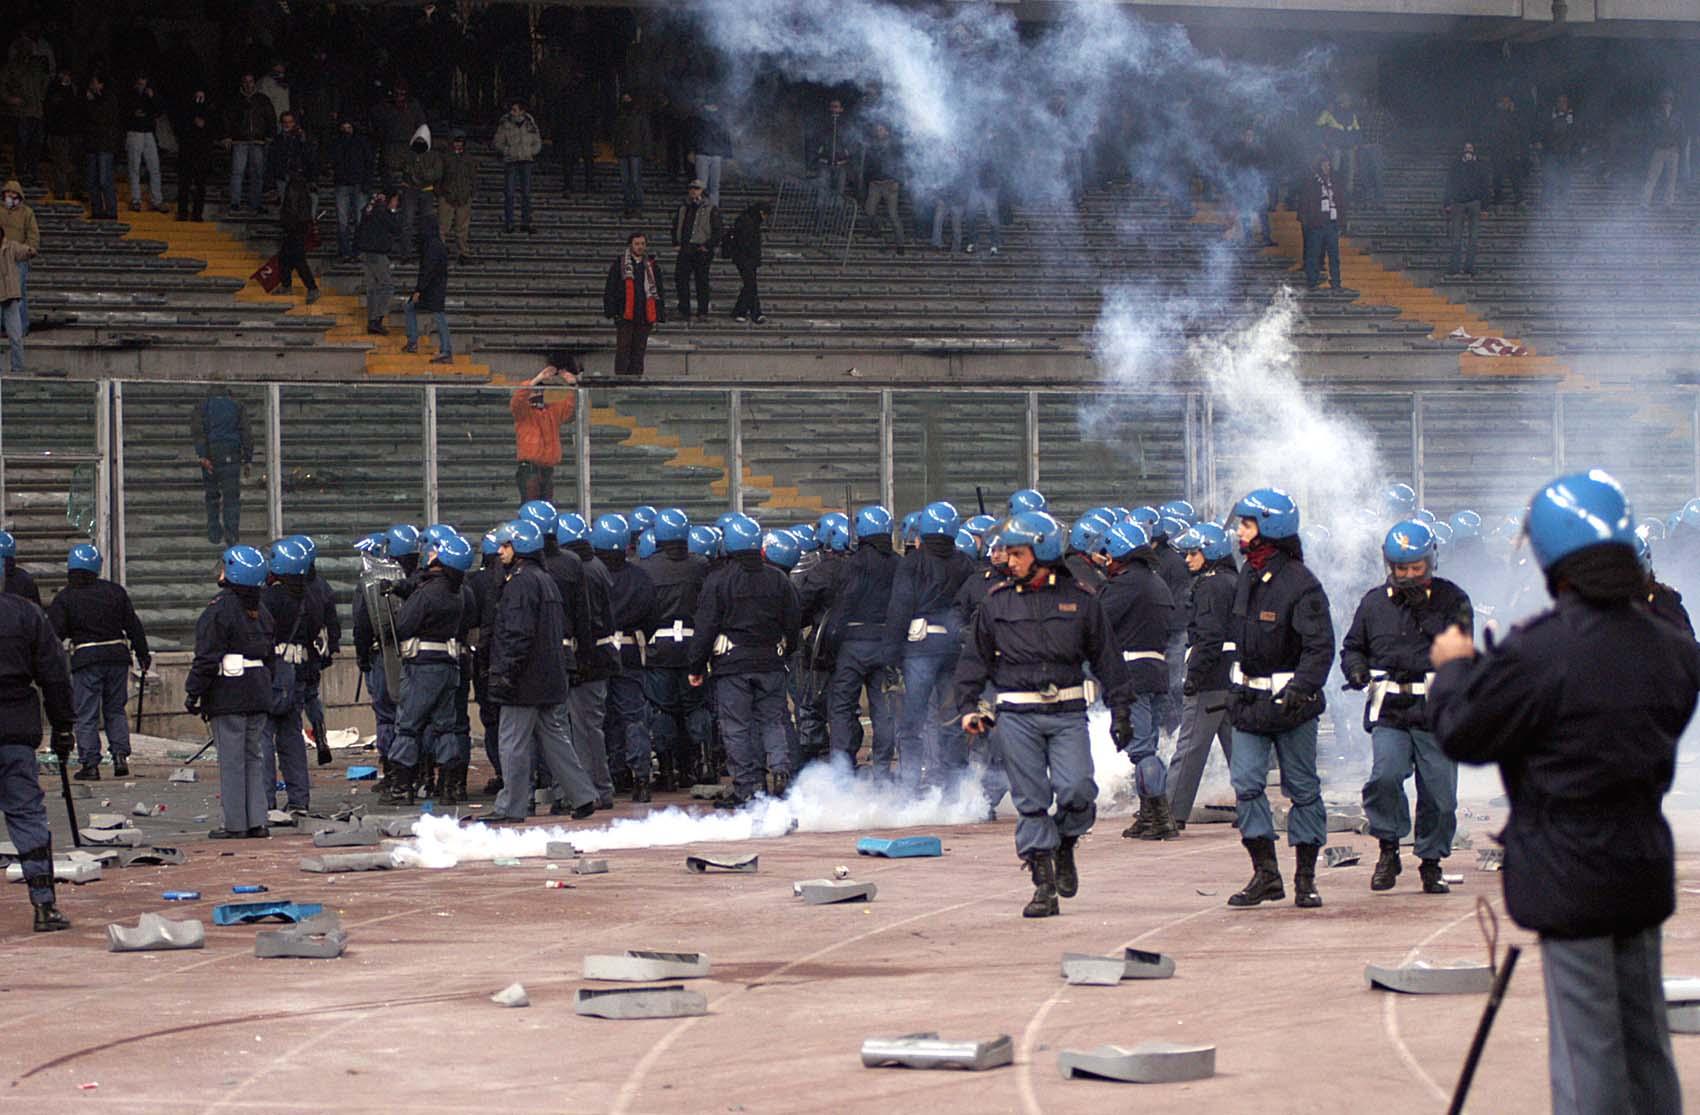 Poliziotti negli stadi pagati dalle società di calcio? Sono servitori, non servi